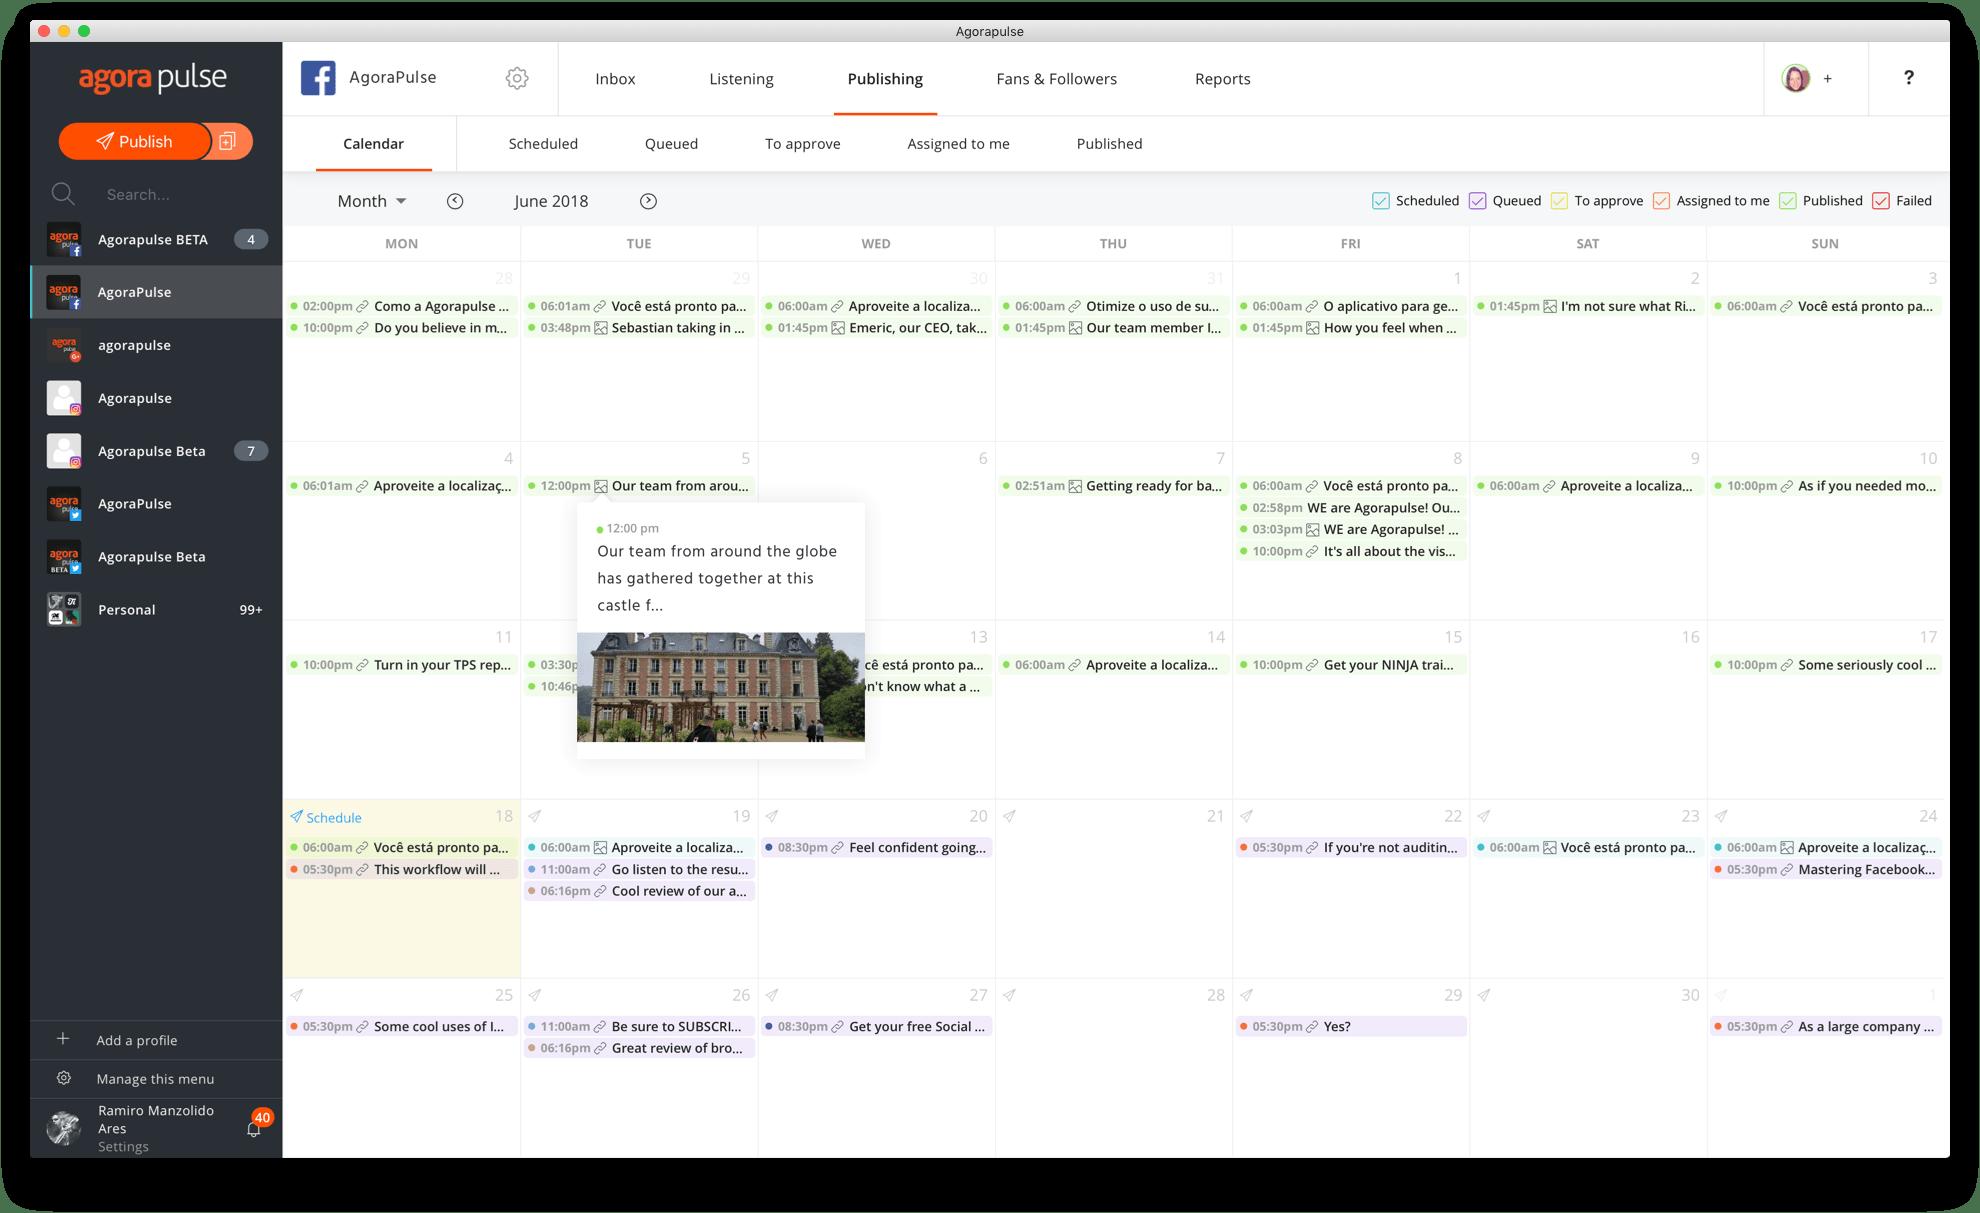 Ihr Publikationszeitplan